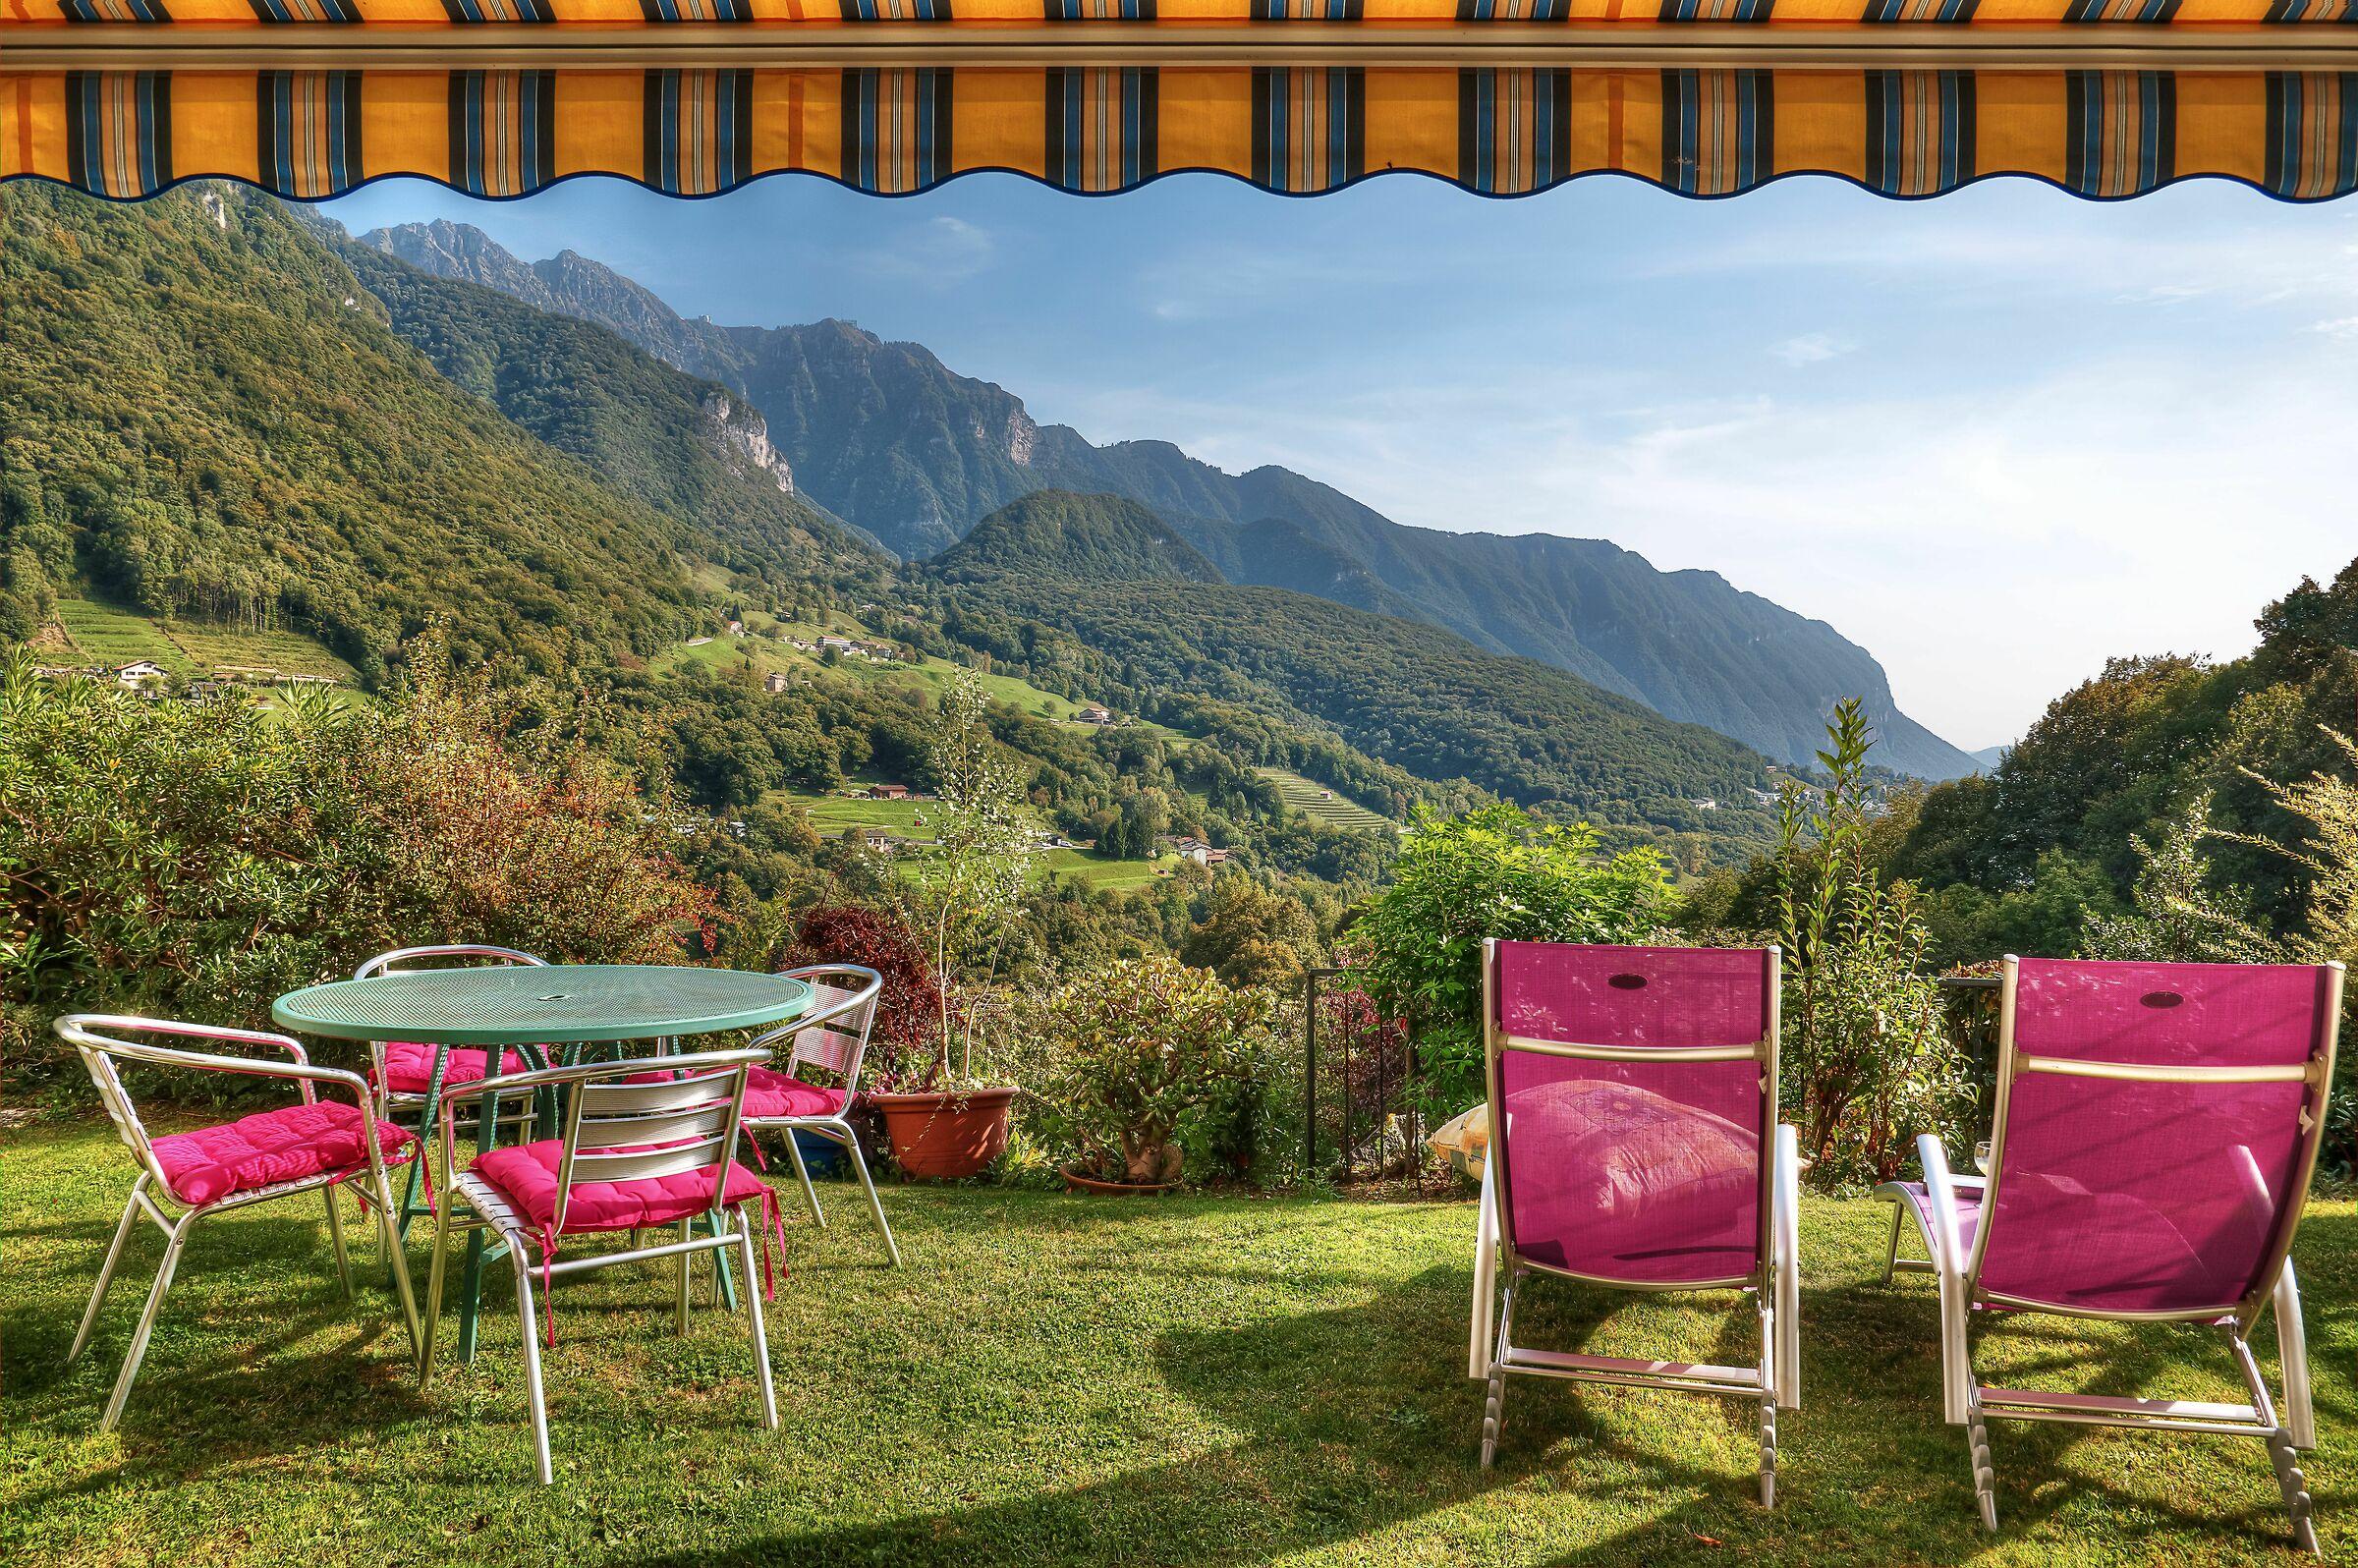 Mountain View; Arogno, Switzerland...